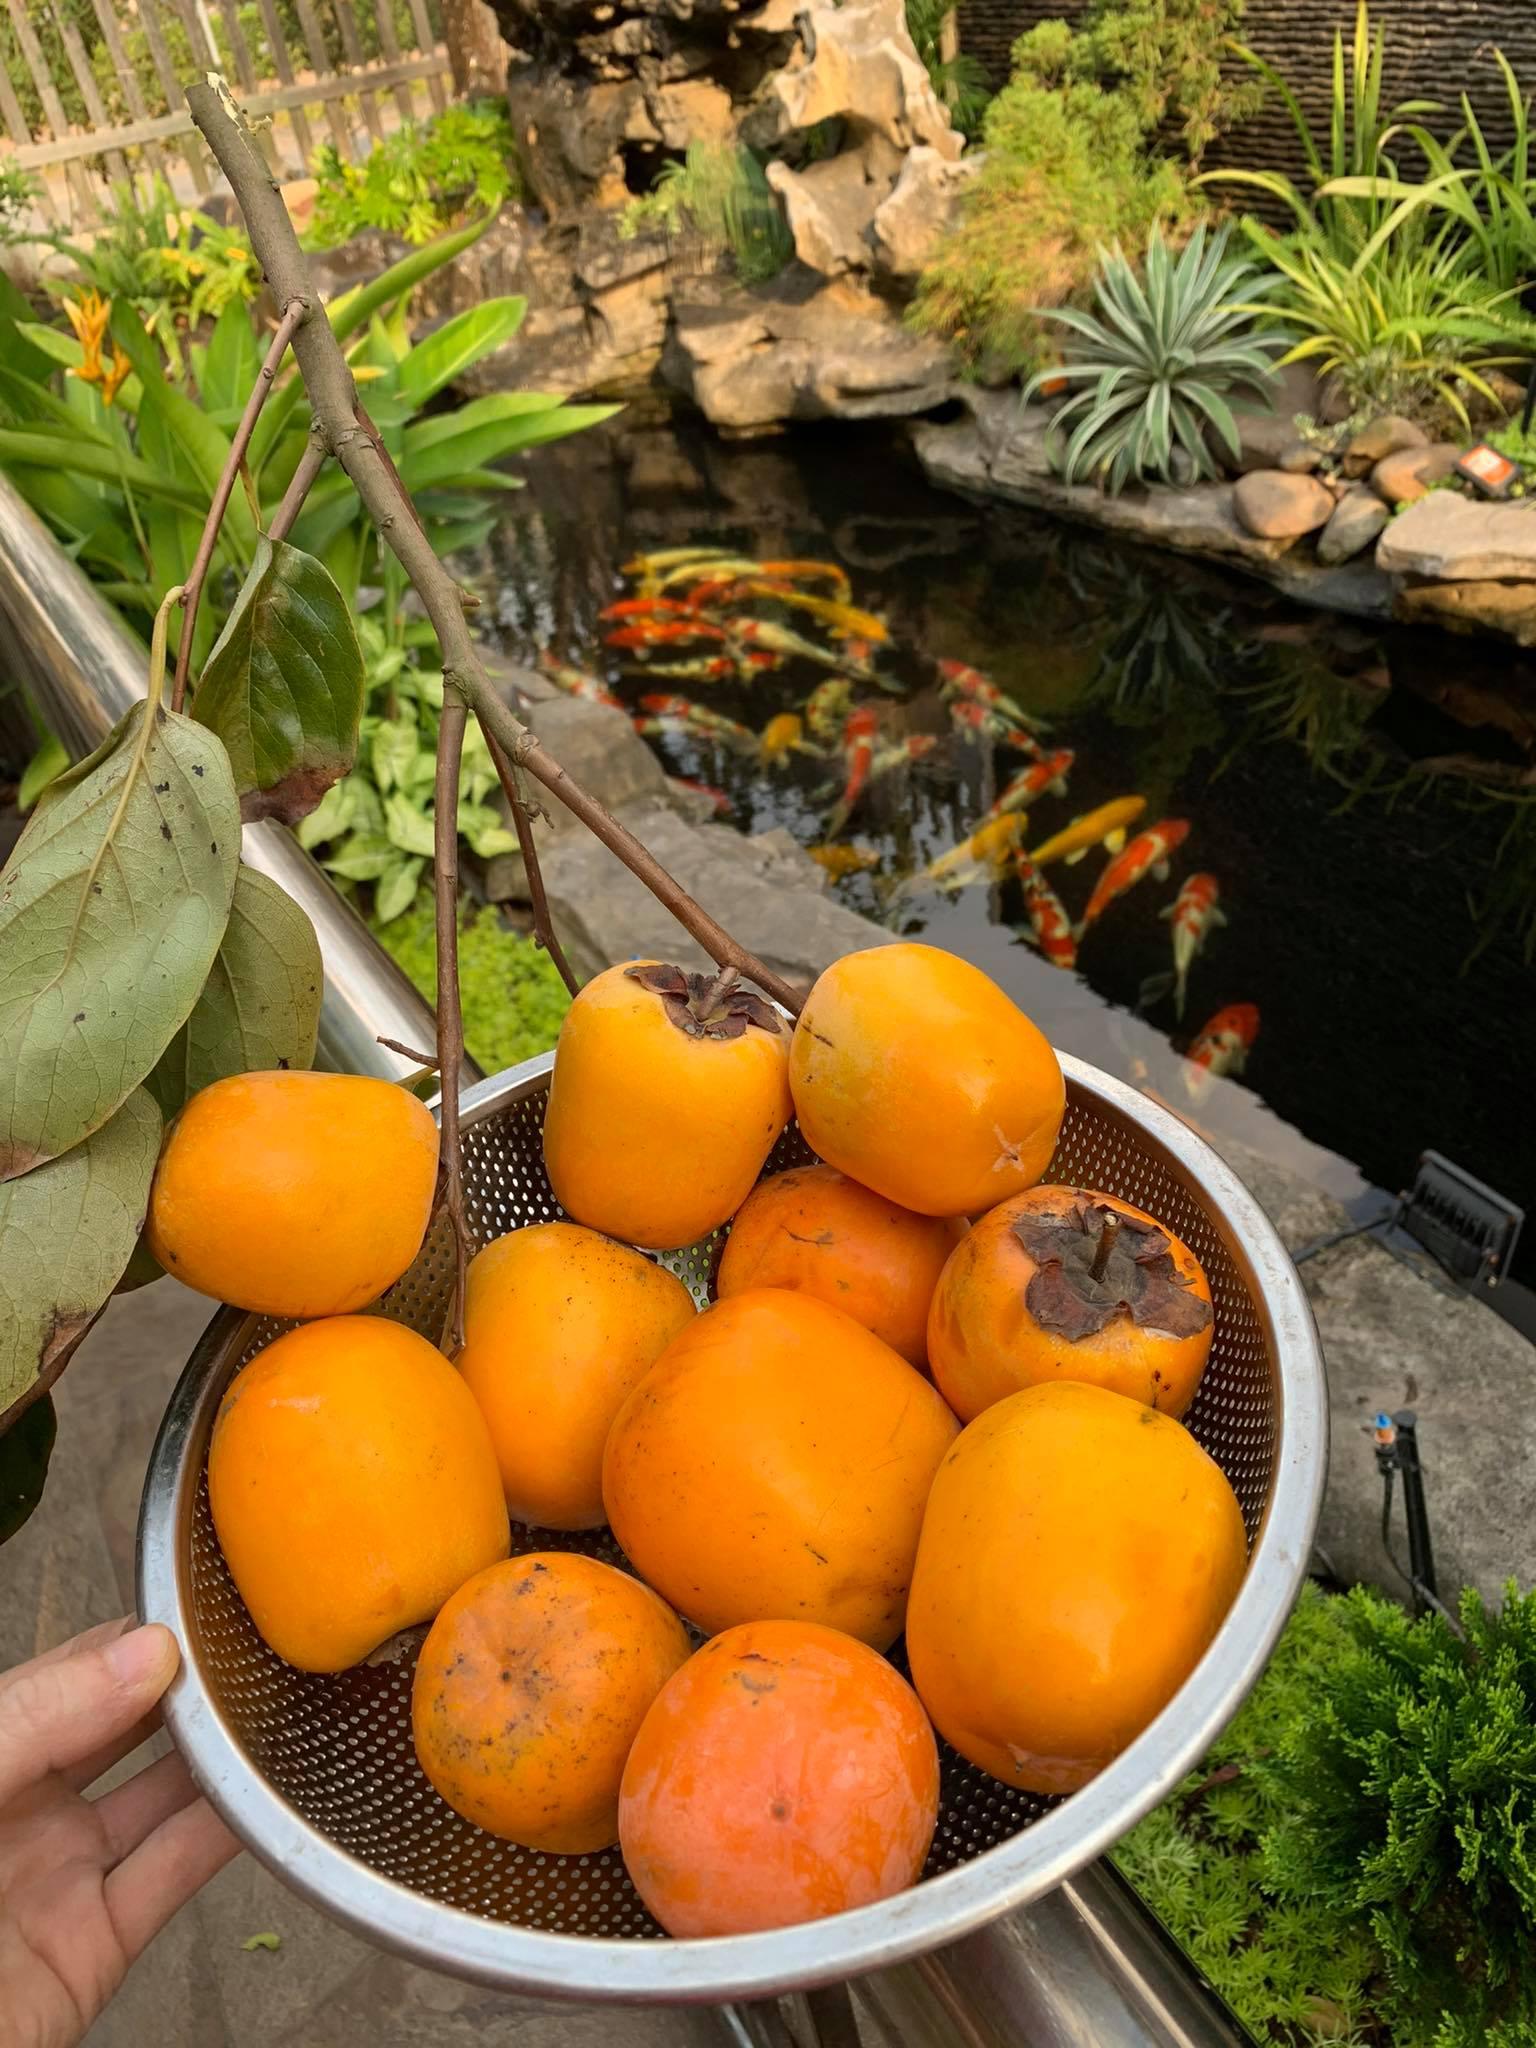 Ngôi nhà quanh năm rực rỡ sắc hương hoa hồng và đủ loại cây ăn quả ở Hà Nội - Ảnh 6.